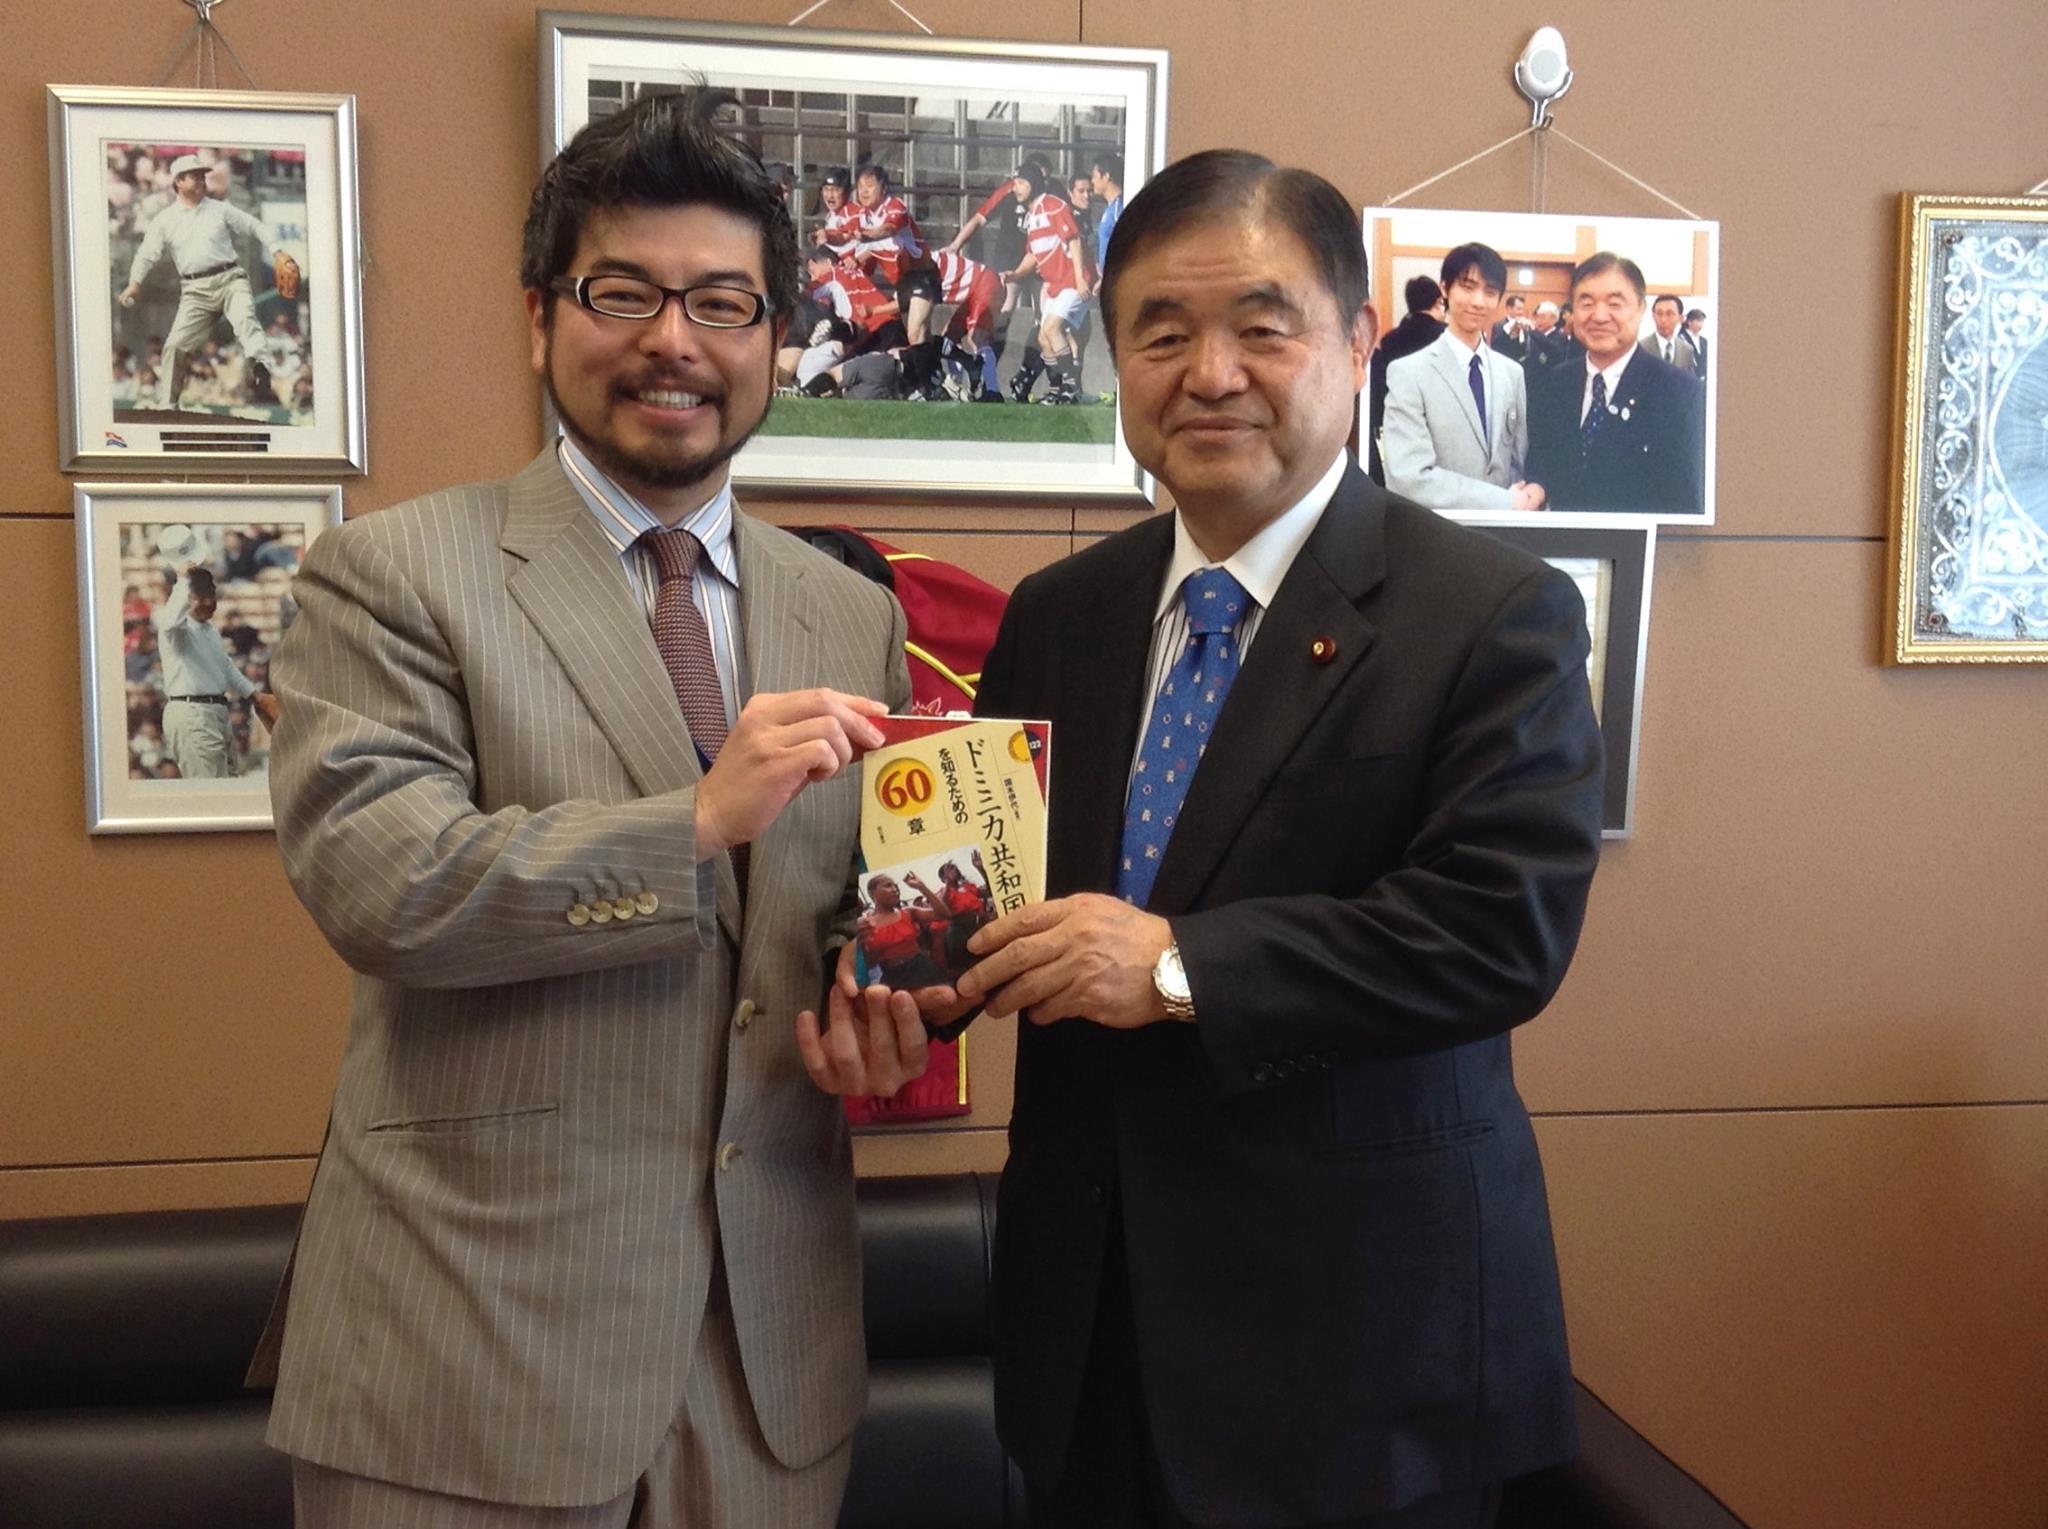 日本・ドミニカ共和国友好議員連盟会長の遠藤利明先生と